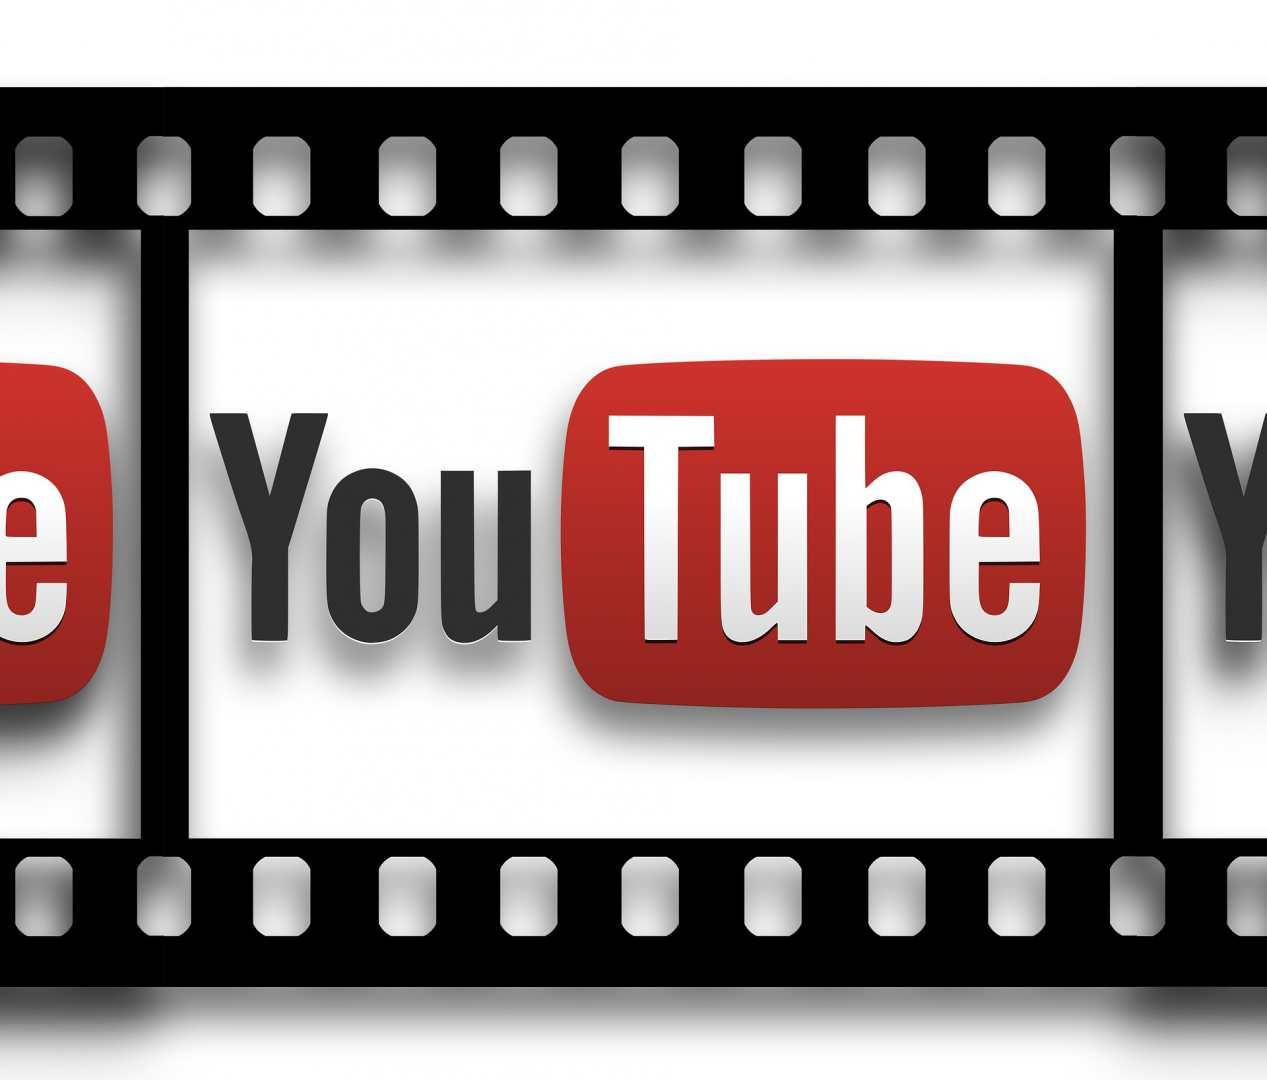 Image logo youtube